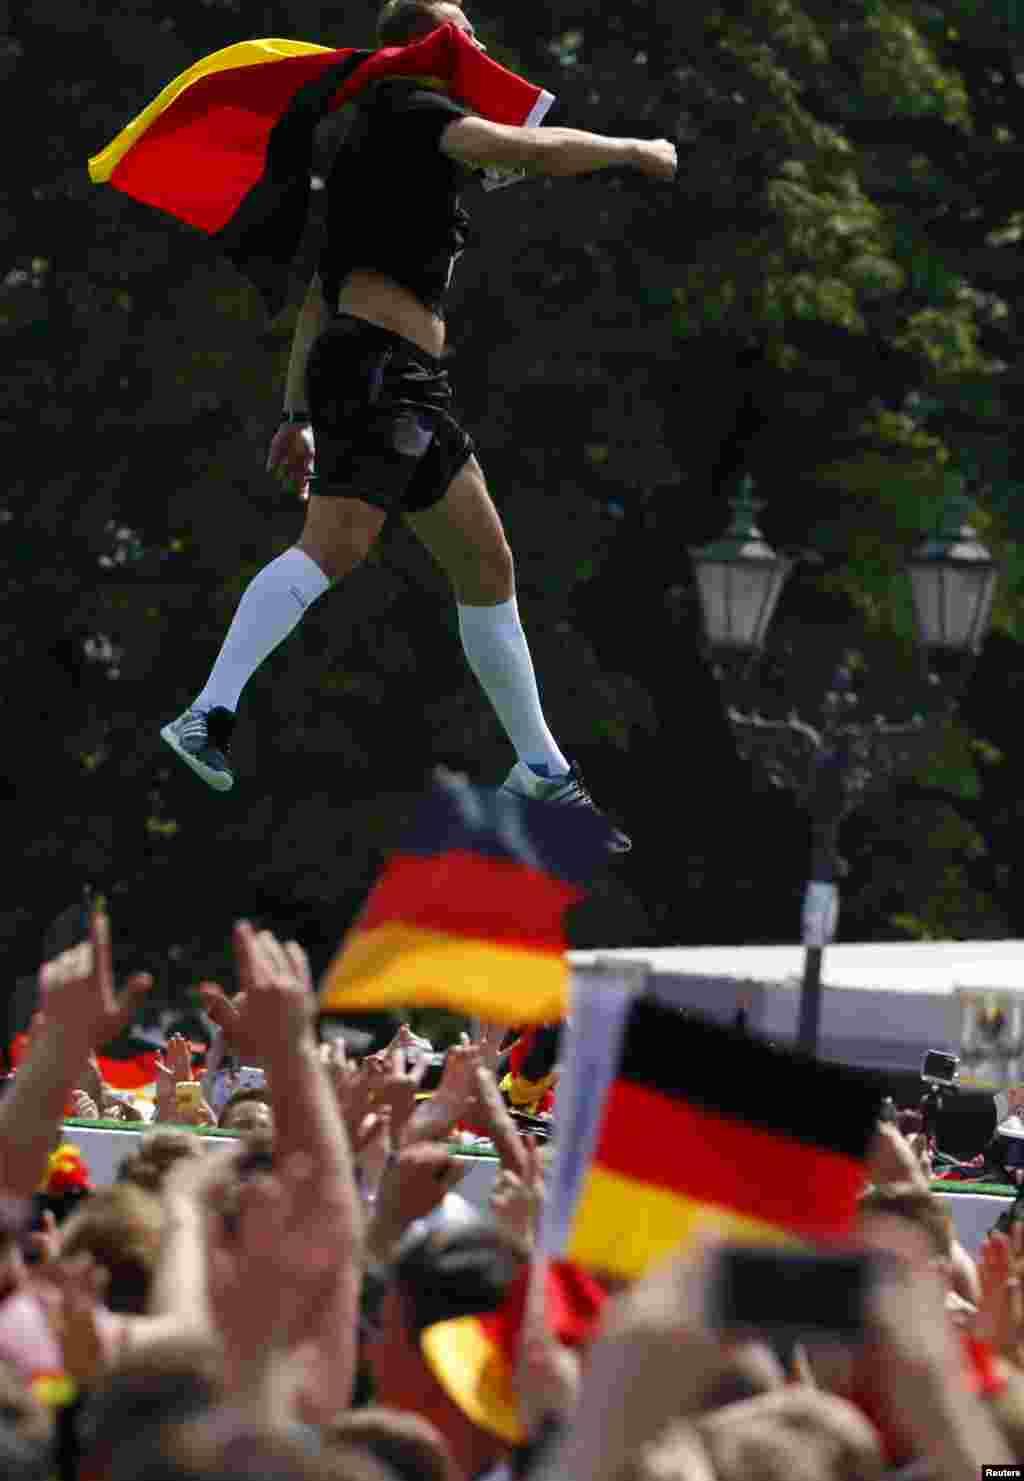 Penjaga gawang Jerman Manuel Neuer melompat ketika merayakan kemenangan timnya di Piala Dunia Brazil 2014, di tempat nobar Fan Mile di Berlin, 15 Juli 2014.